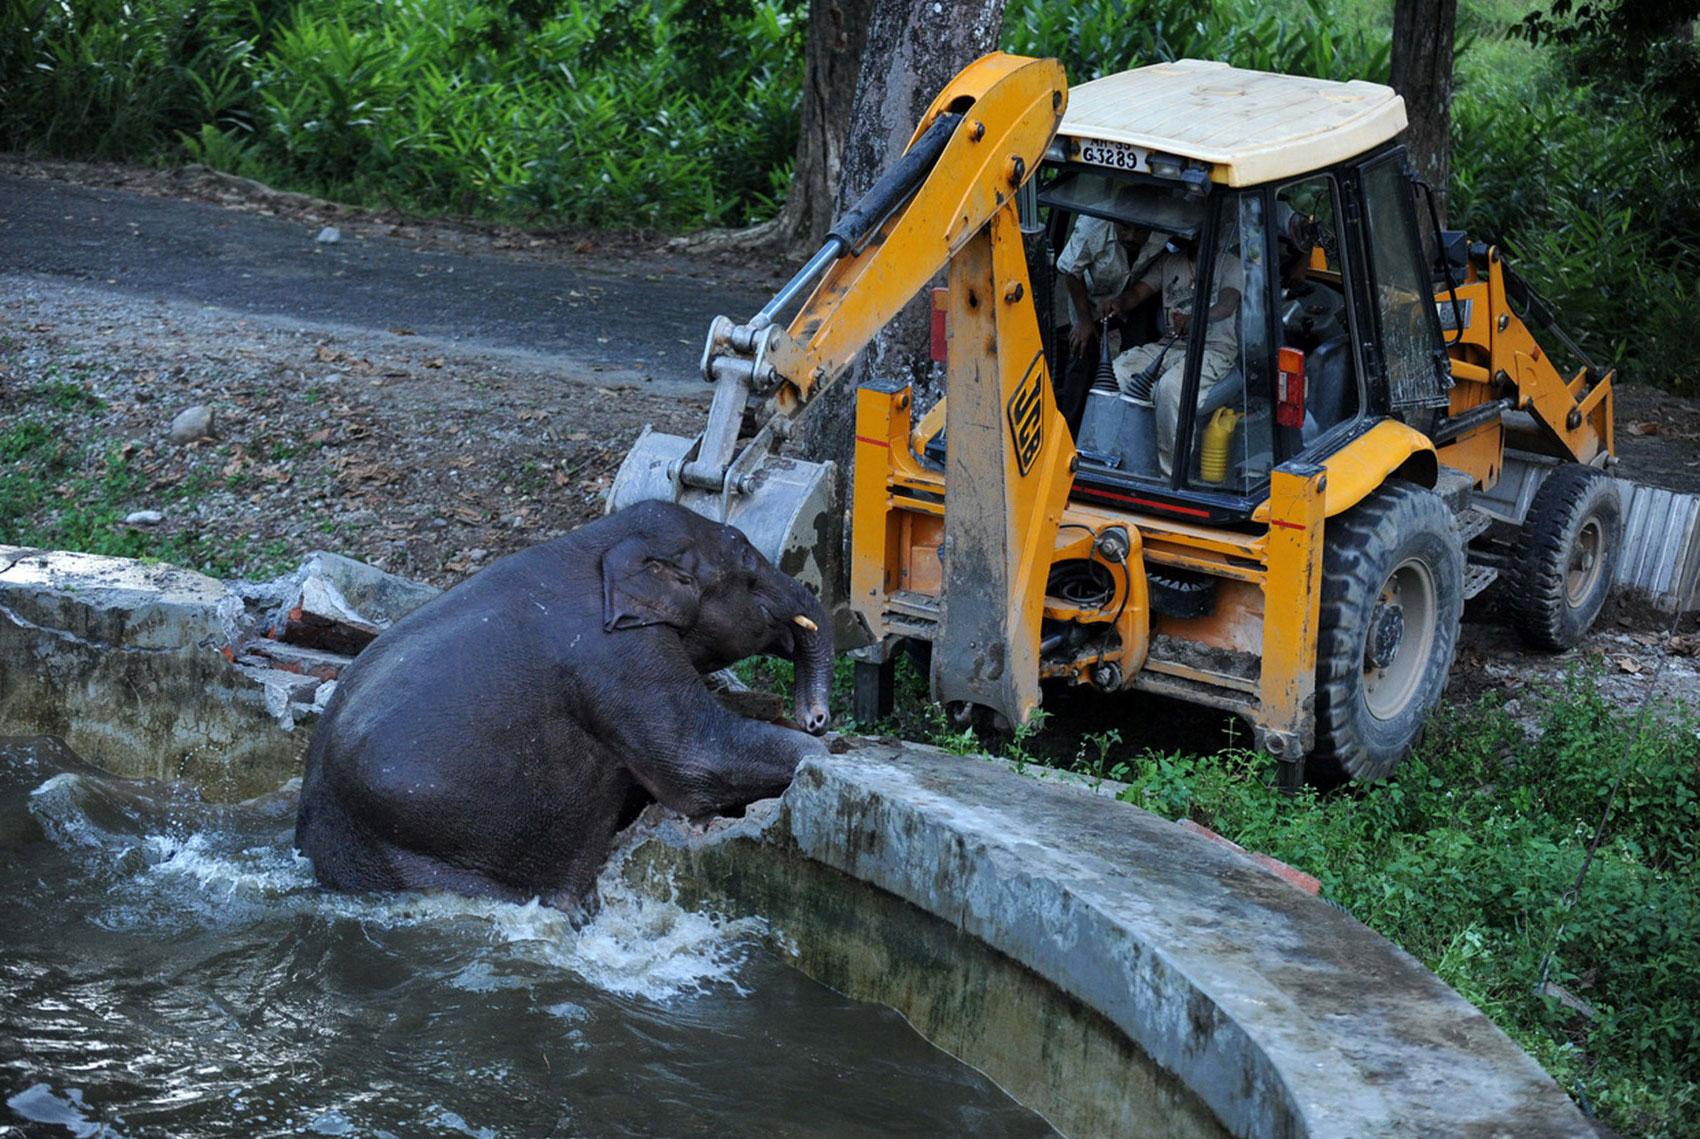 солдаты помогают слоненку выбраться из резервуара с водой, фото